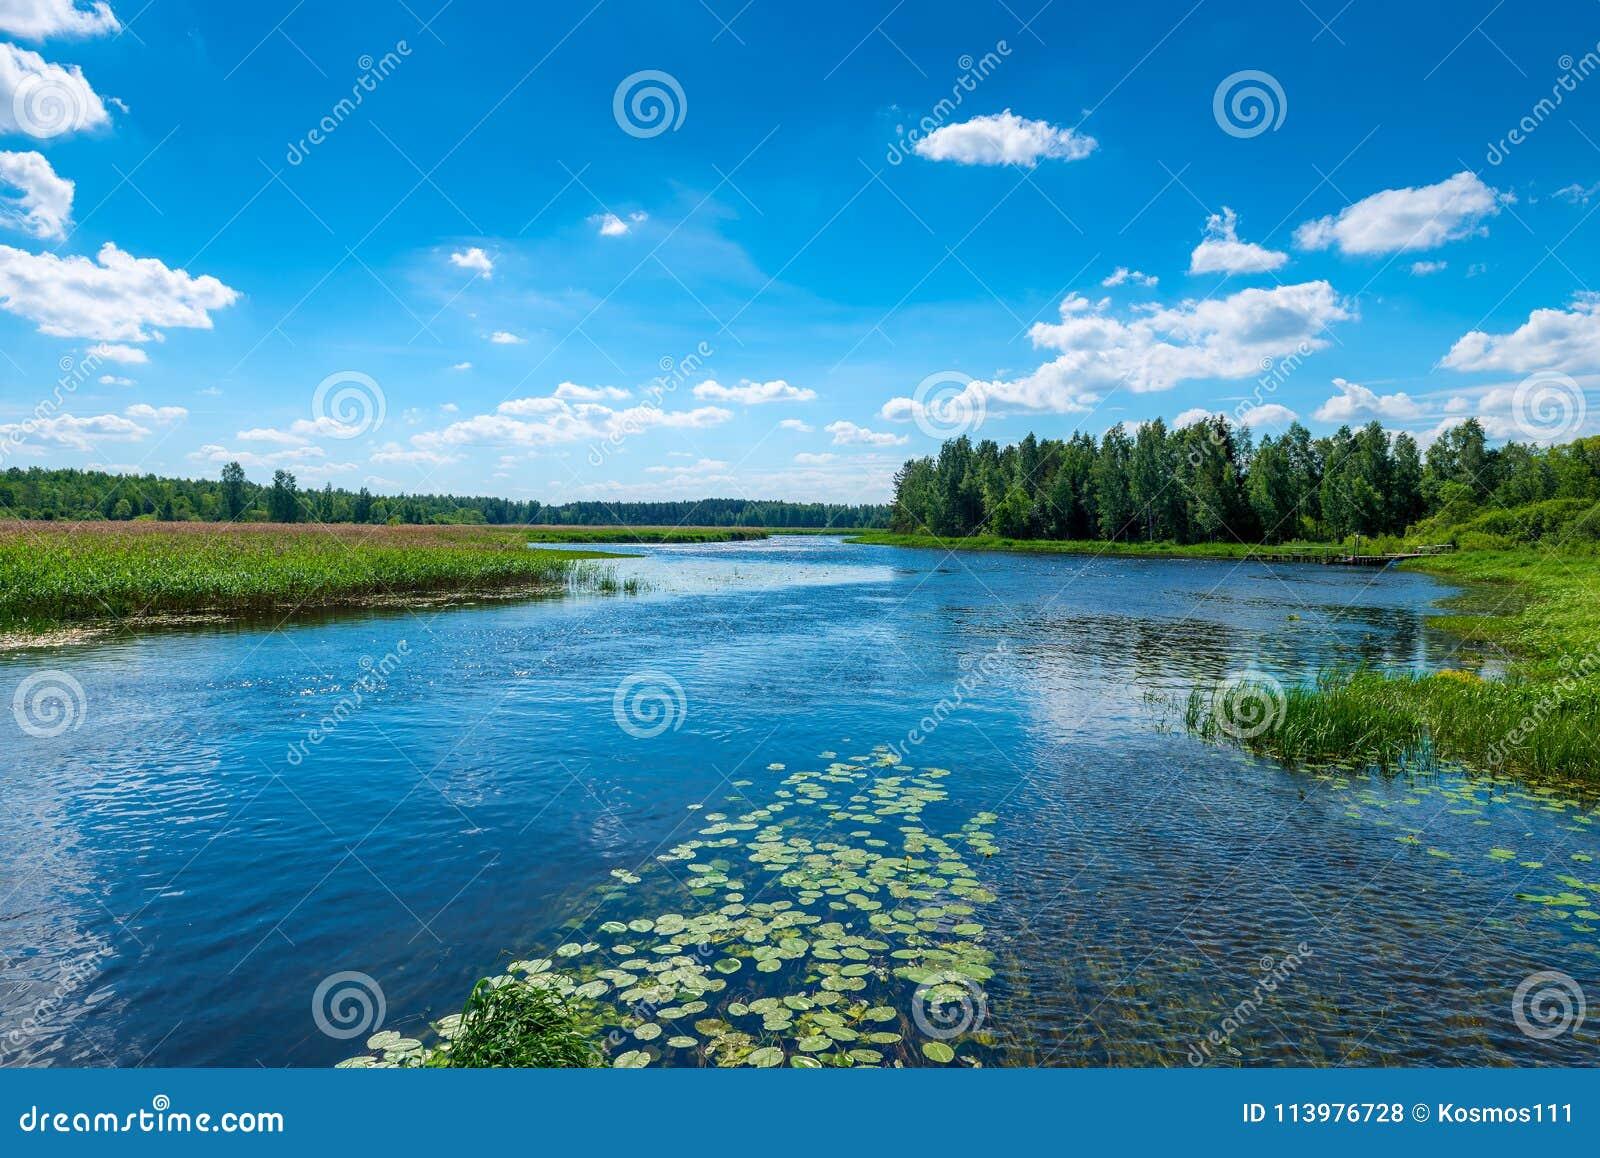 Mooi landschap - een rivier met duidelijk water, groene bosa